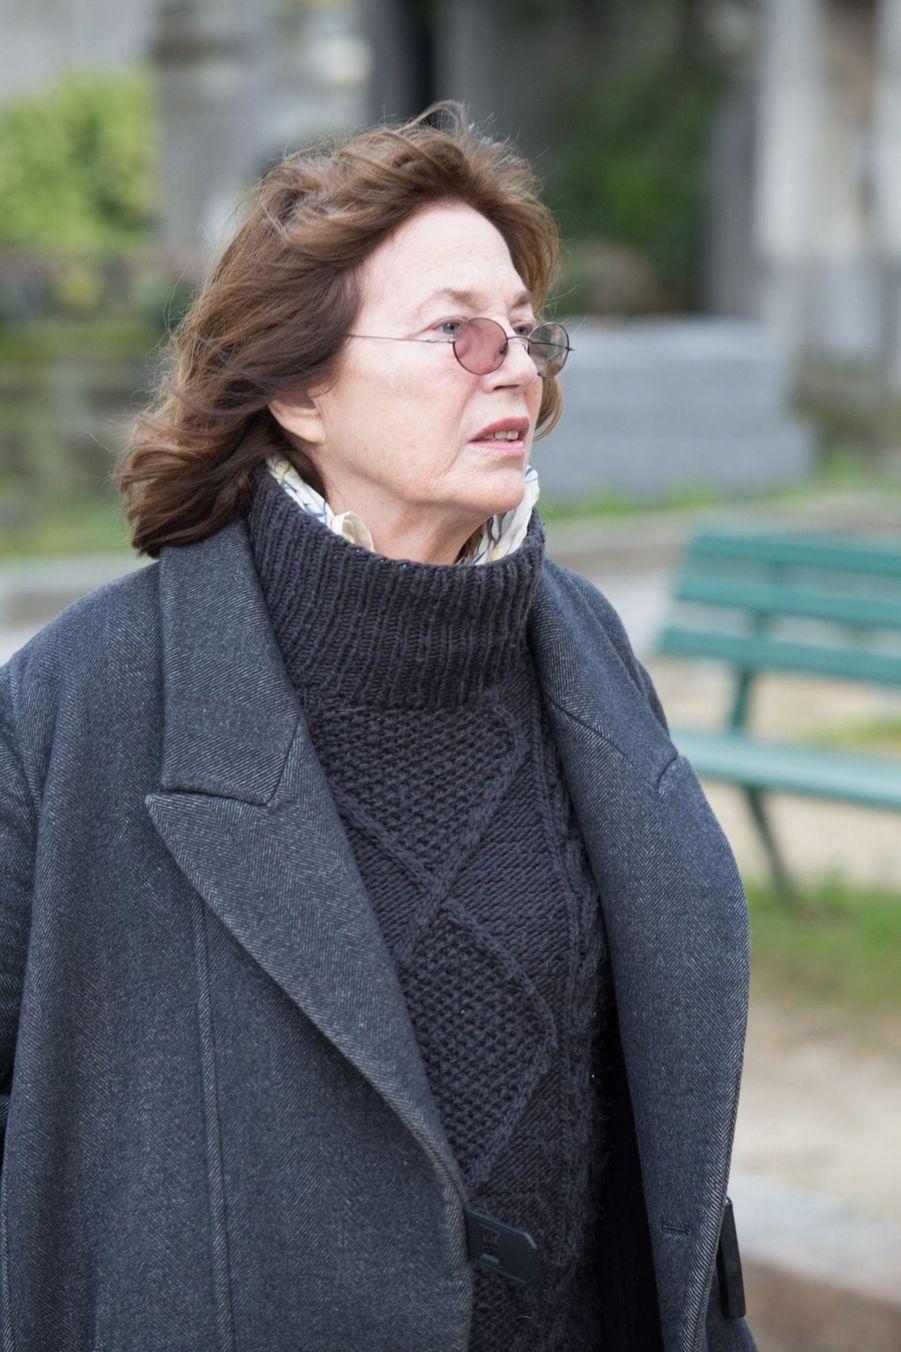 Jane Birkin aux obsèques d'Anna Karina, au cimetière du Père Lachaise, samedi 21 décembre 2019.